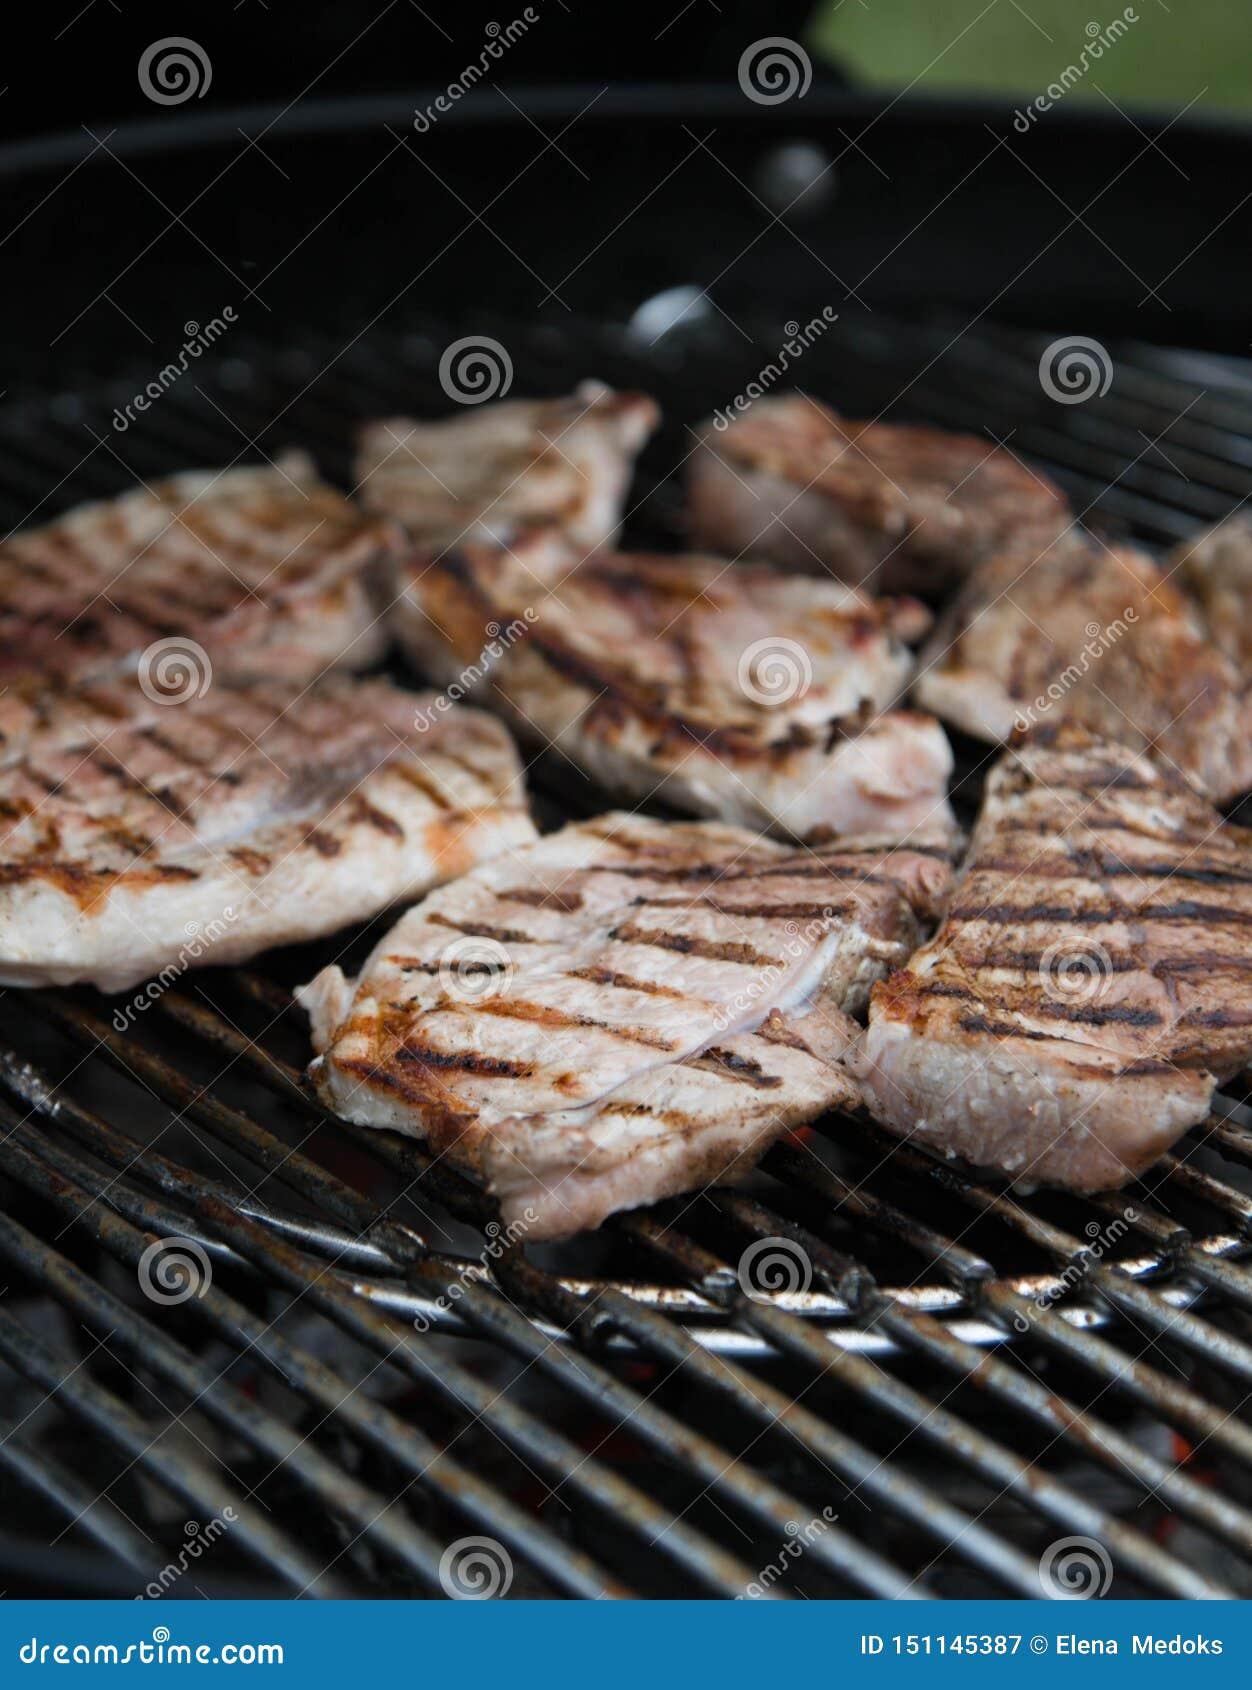 La bistecca grigliata della carne, pezzi di carne marinati è grigliata sulla griglia barbecue